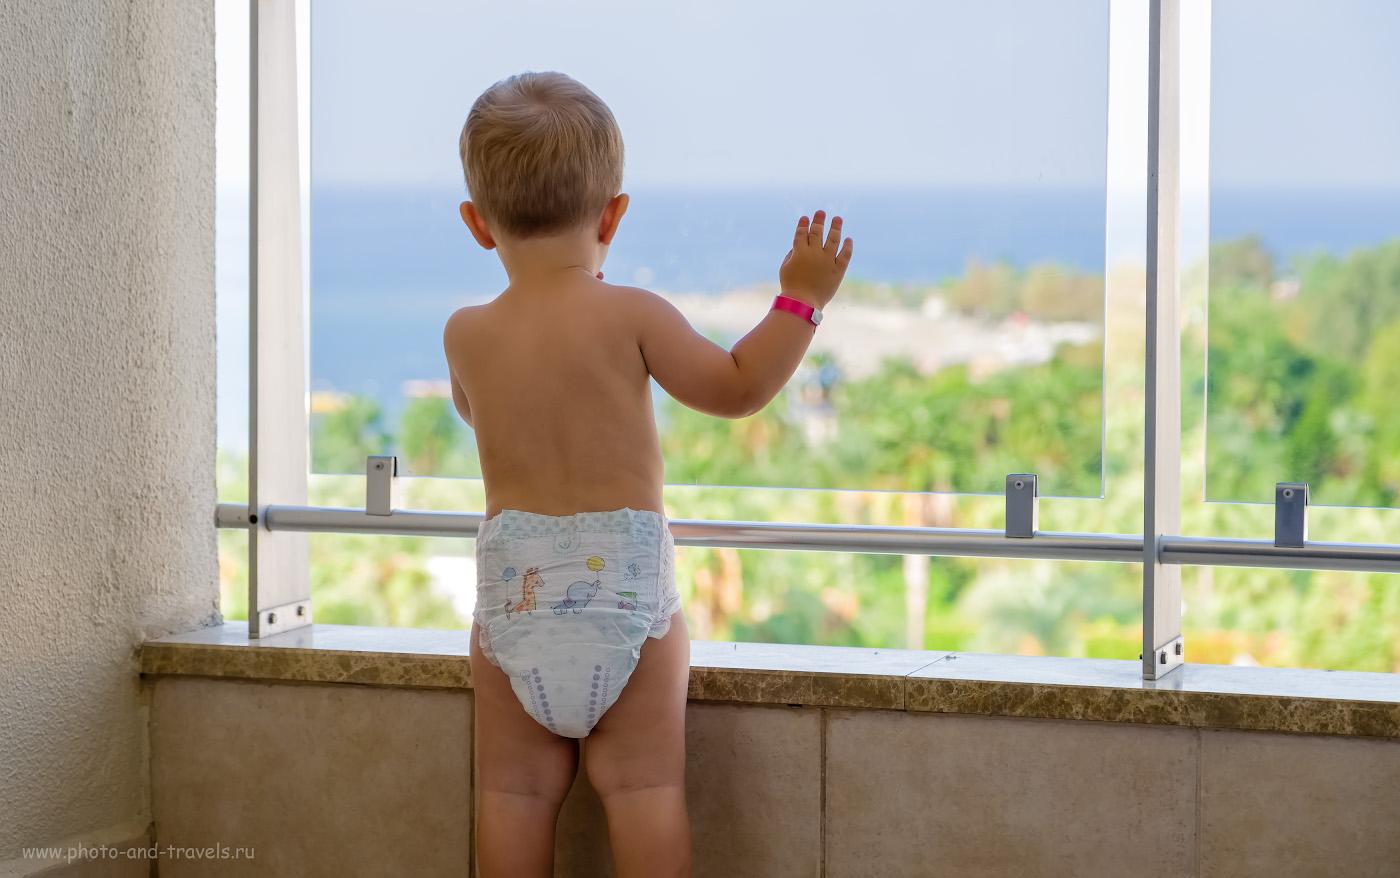 30. Будем надеяться, что наше неясное будущее окажется таким же светлым, как на этом фото… По крайней мере, для наших детей. 1/240, 3.6, 200, +1.0, 55.